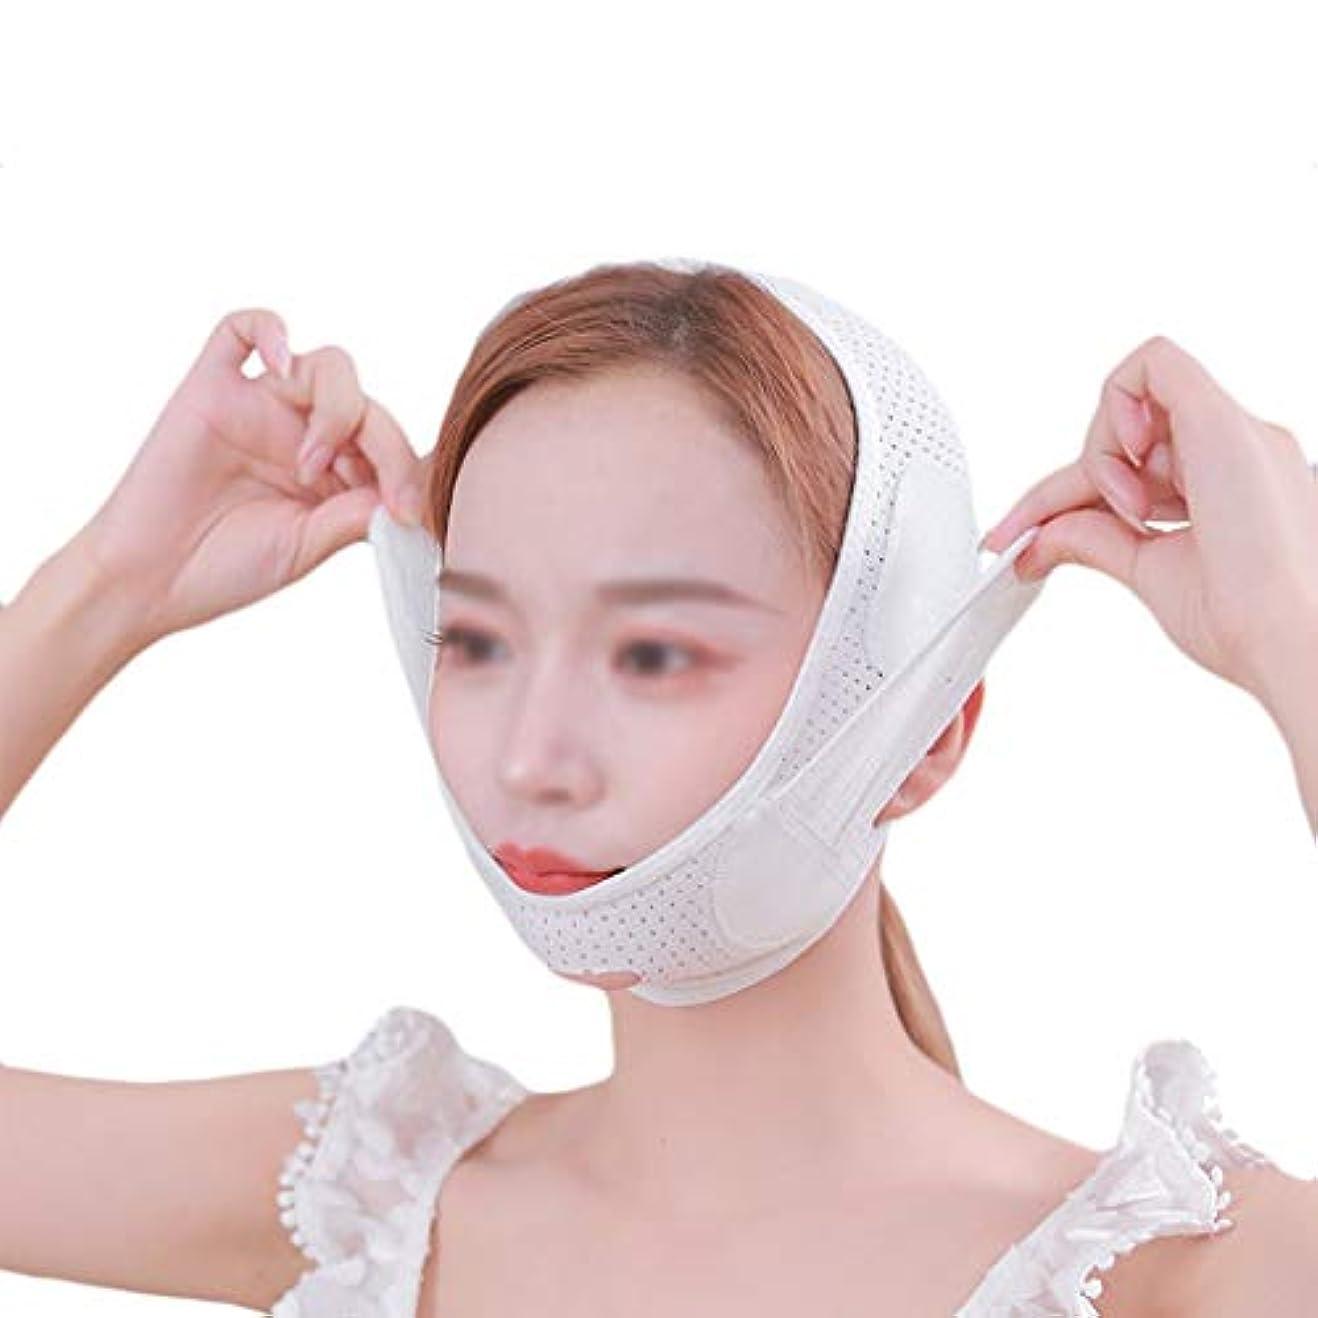 気分が良い奇跡挽くXHLMRMJ フェイシャルリフティング包帯、頬痩身マスク包帯、フェイスリフティングファーミングフェイスリフティング、リフティングダブルチンフェイシャルマスク(ホワイト、フリーサイズ)